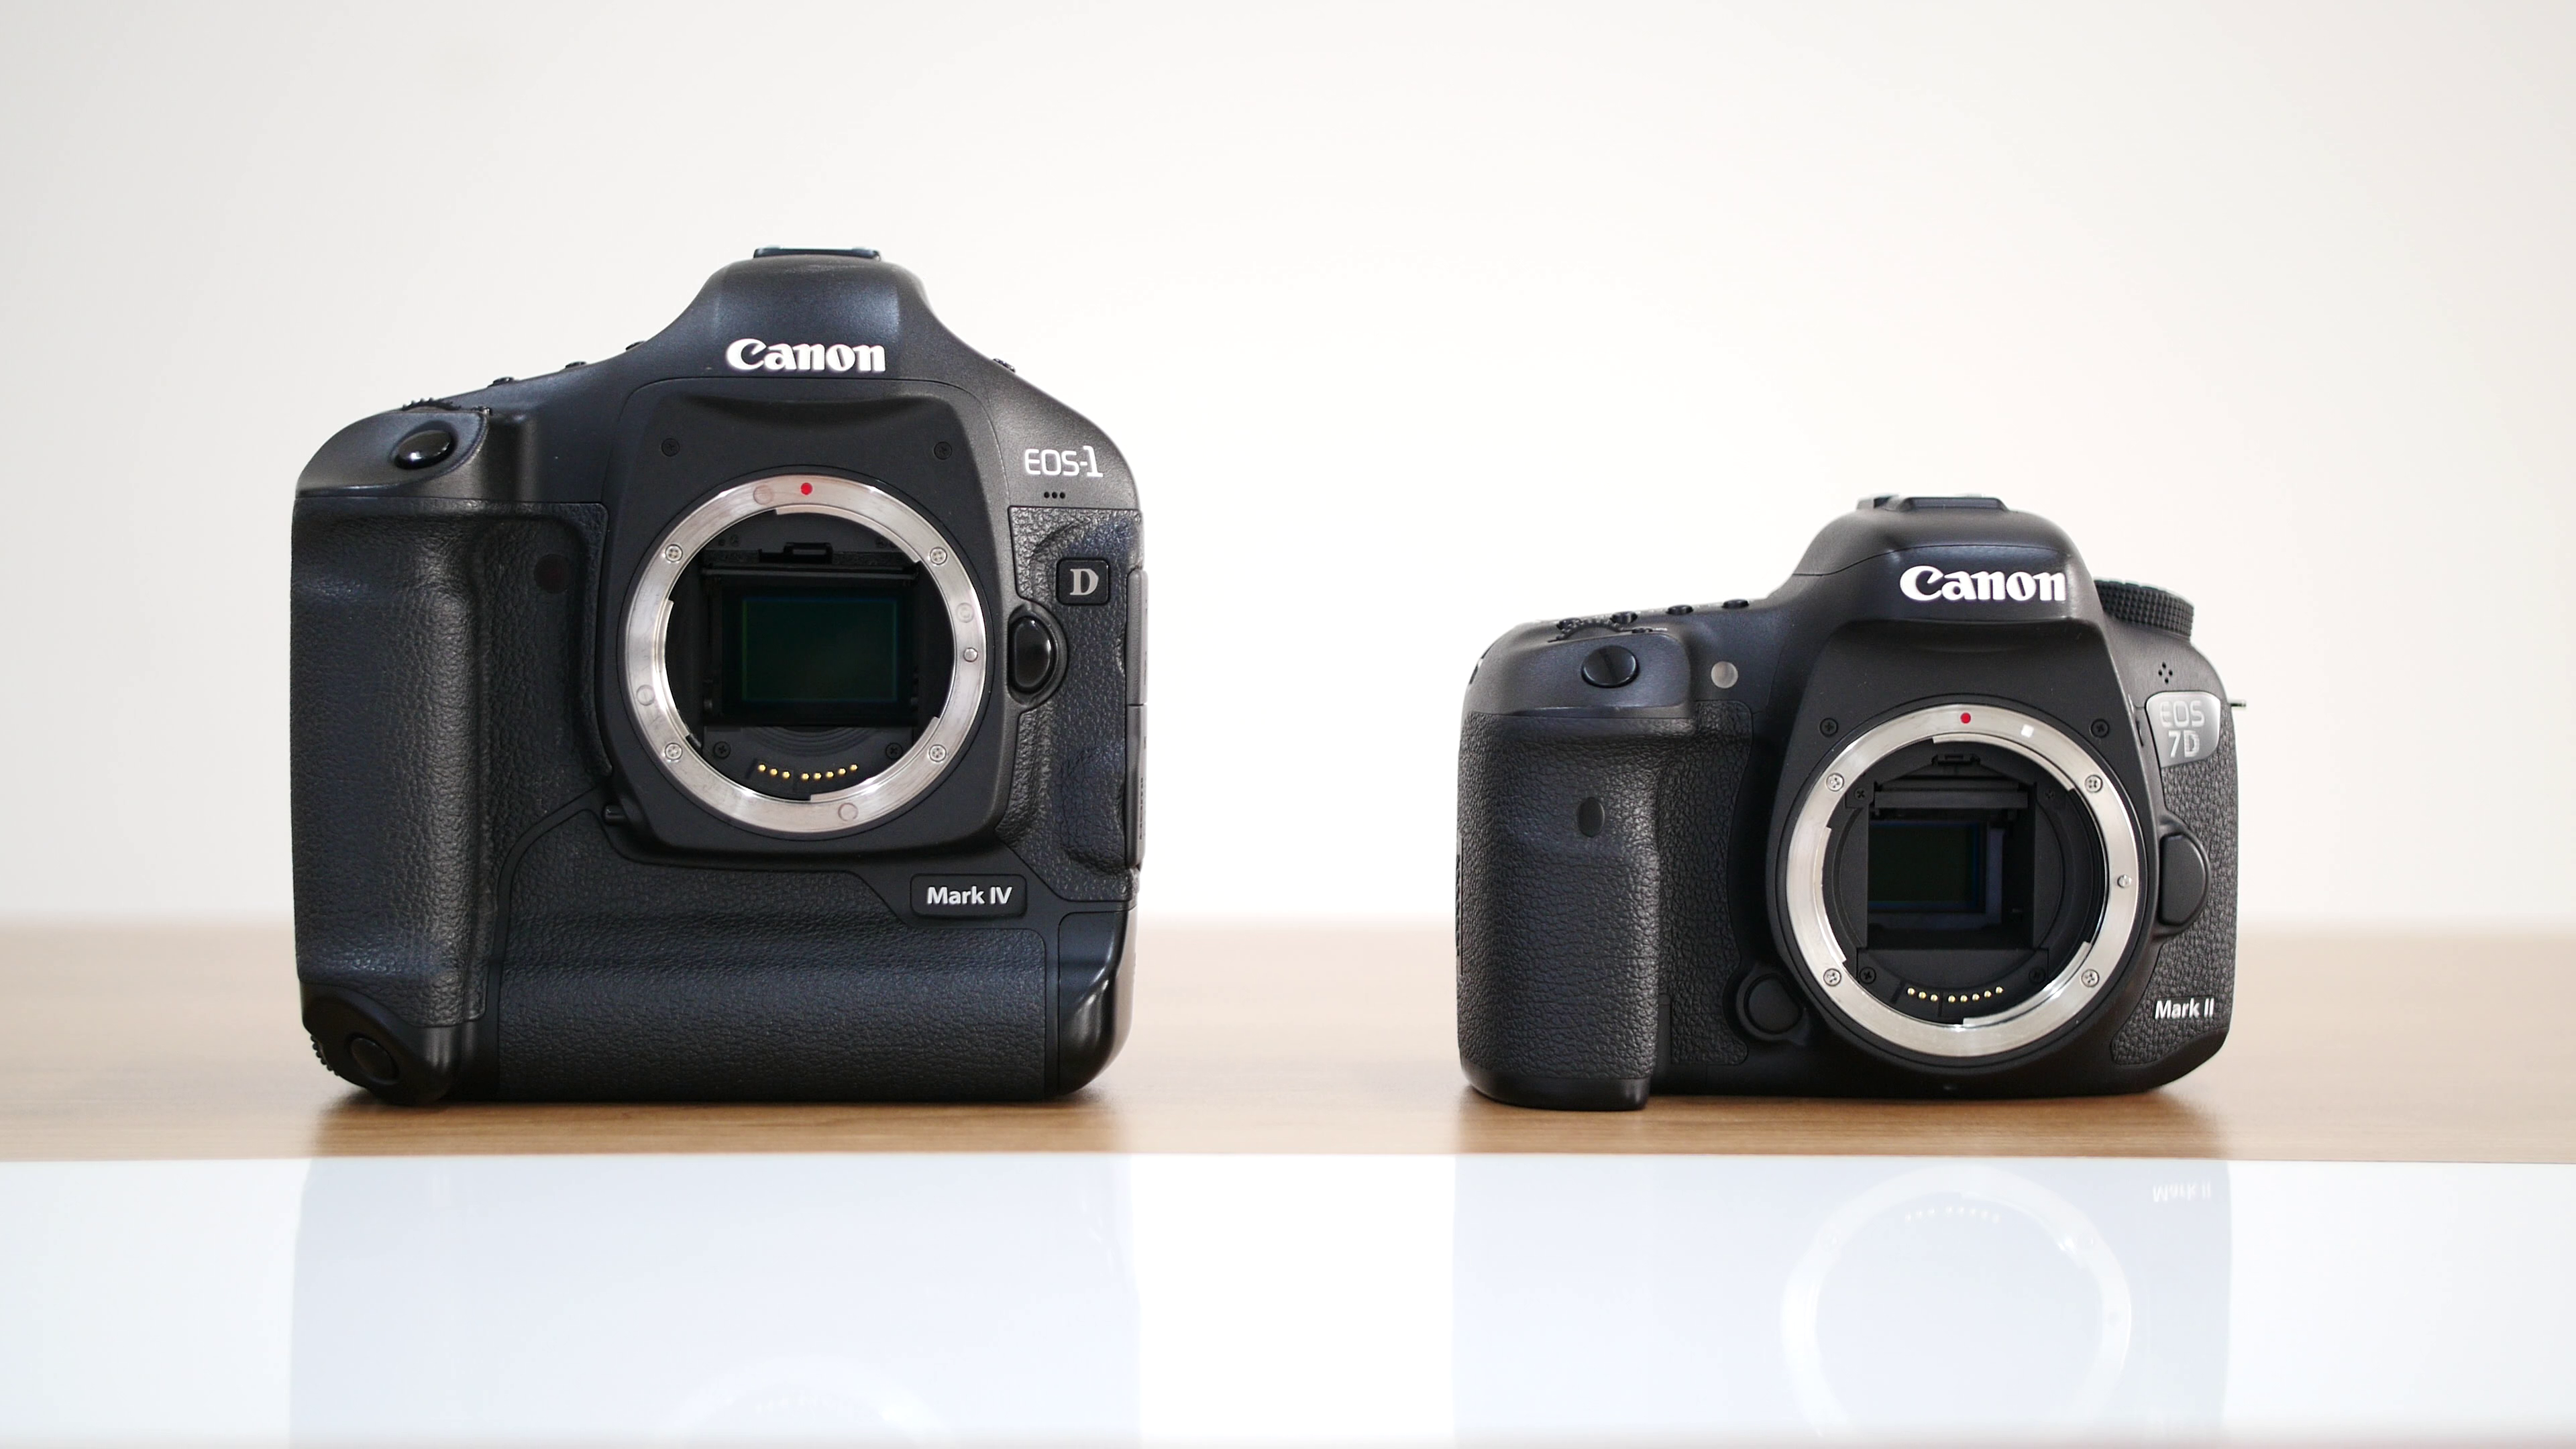 Canon DSLR | Grant Atkinson Page 1